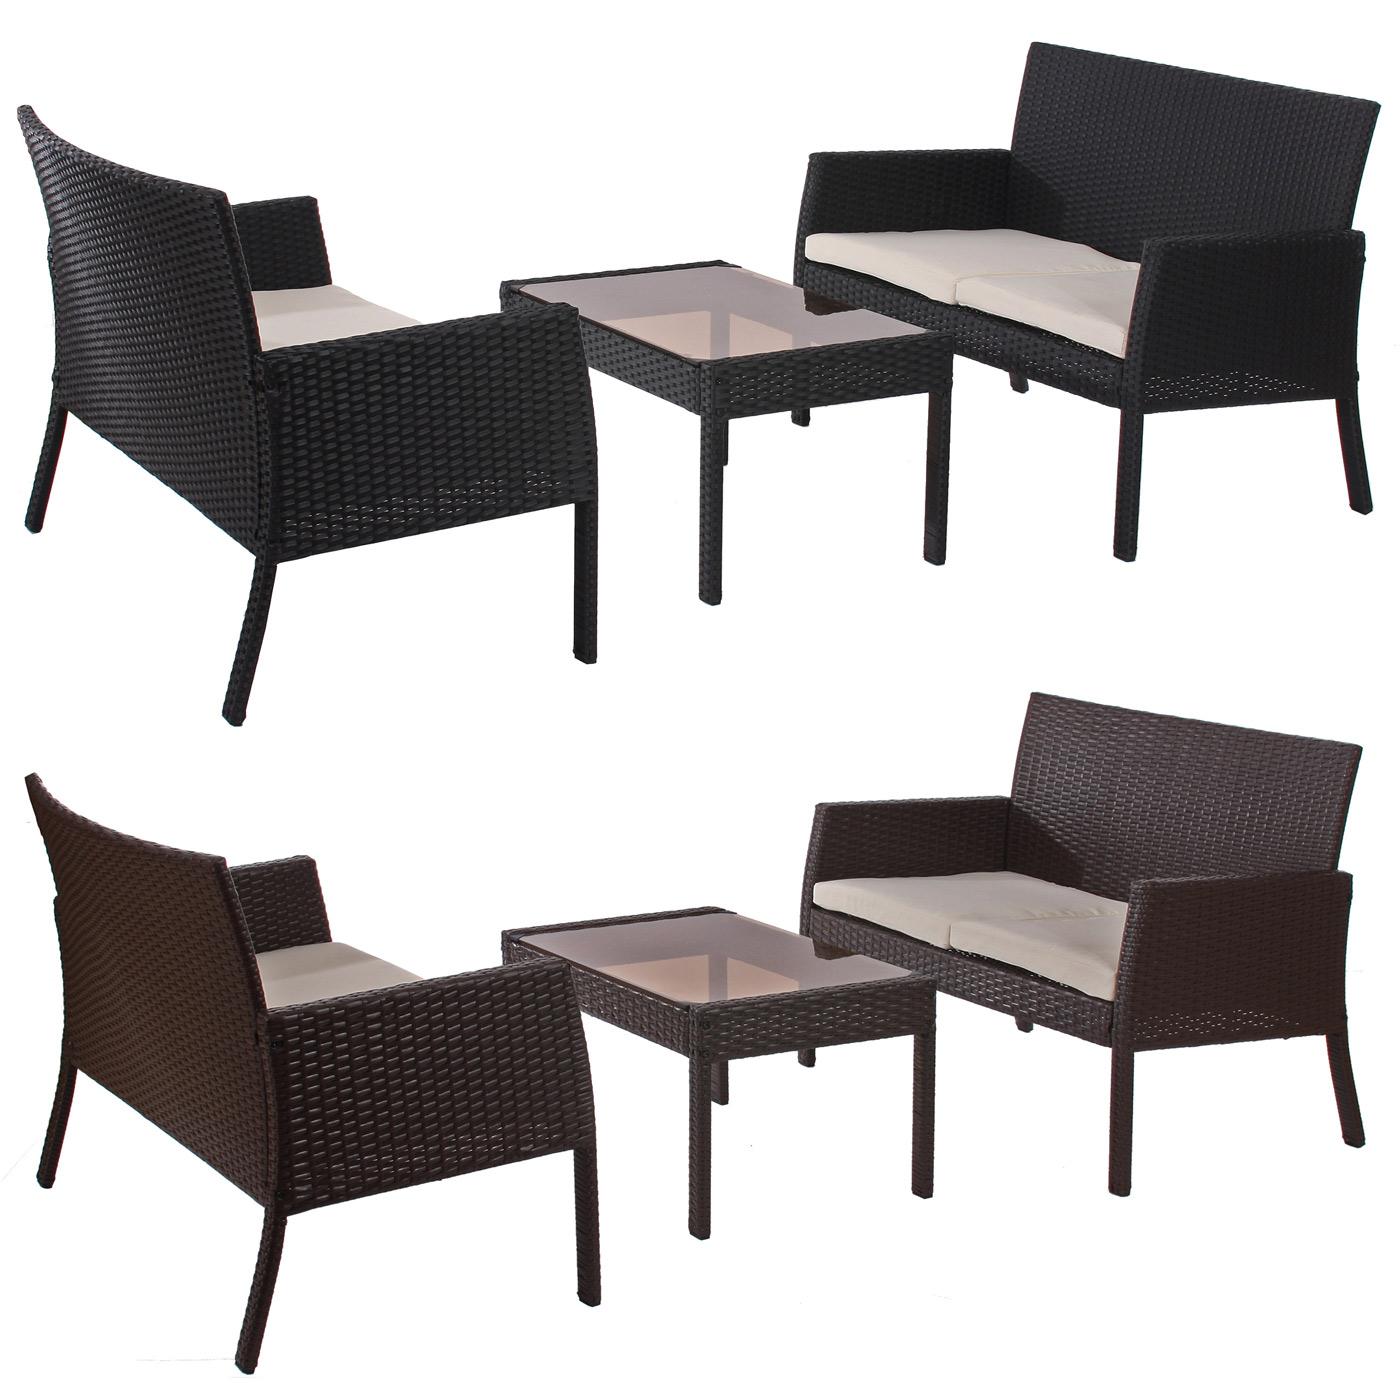 Poly-Rattan Garten-Garnitur Sitzgruppe Sanremo 2x Bank + Tisch ~ Variantenangebot